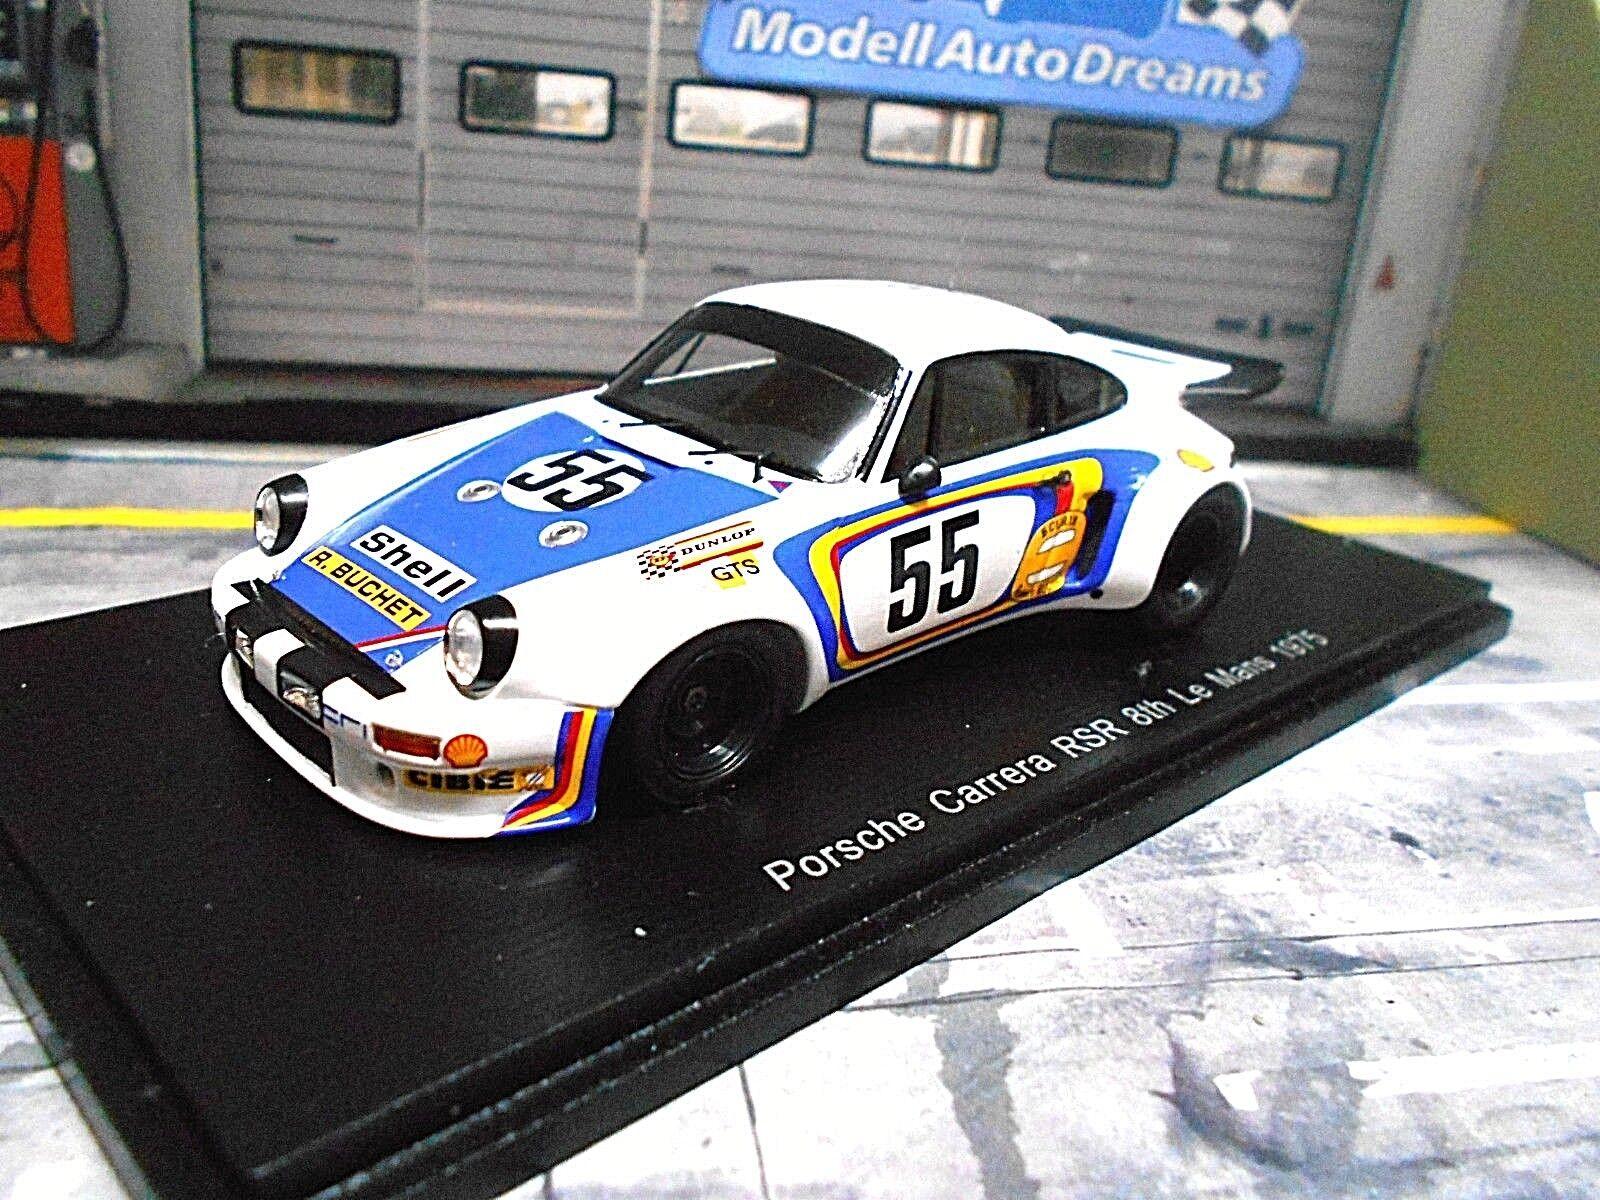 Porsche 911 Carrera 3.0 RSR 1975  55 Buchet référendums Lena quel res Spark 1 43